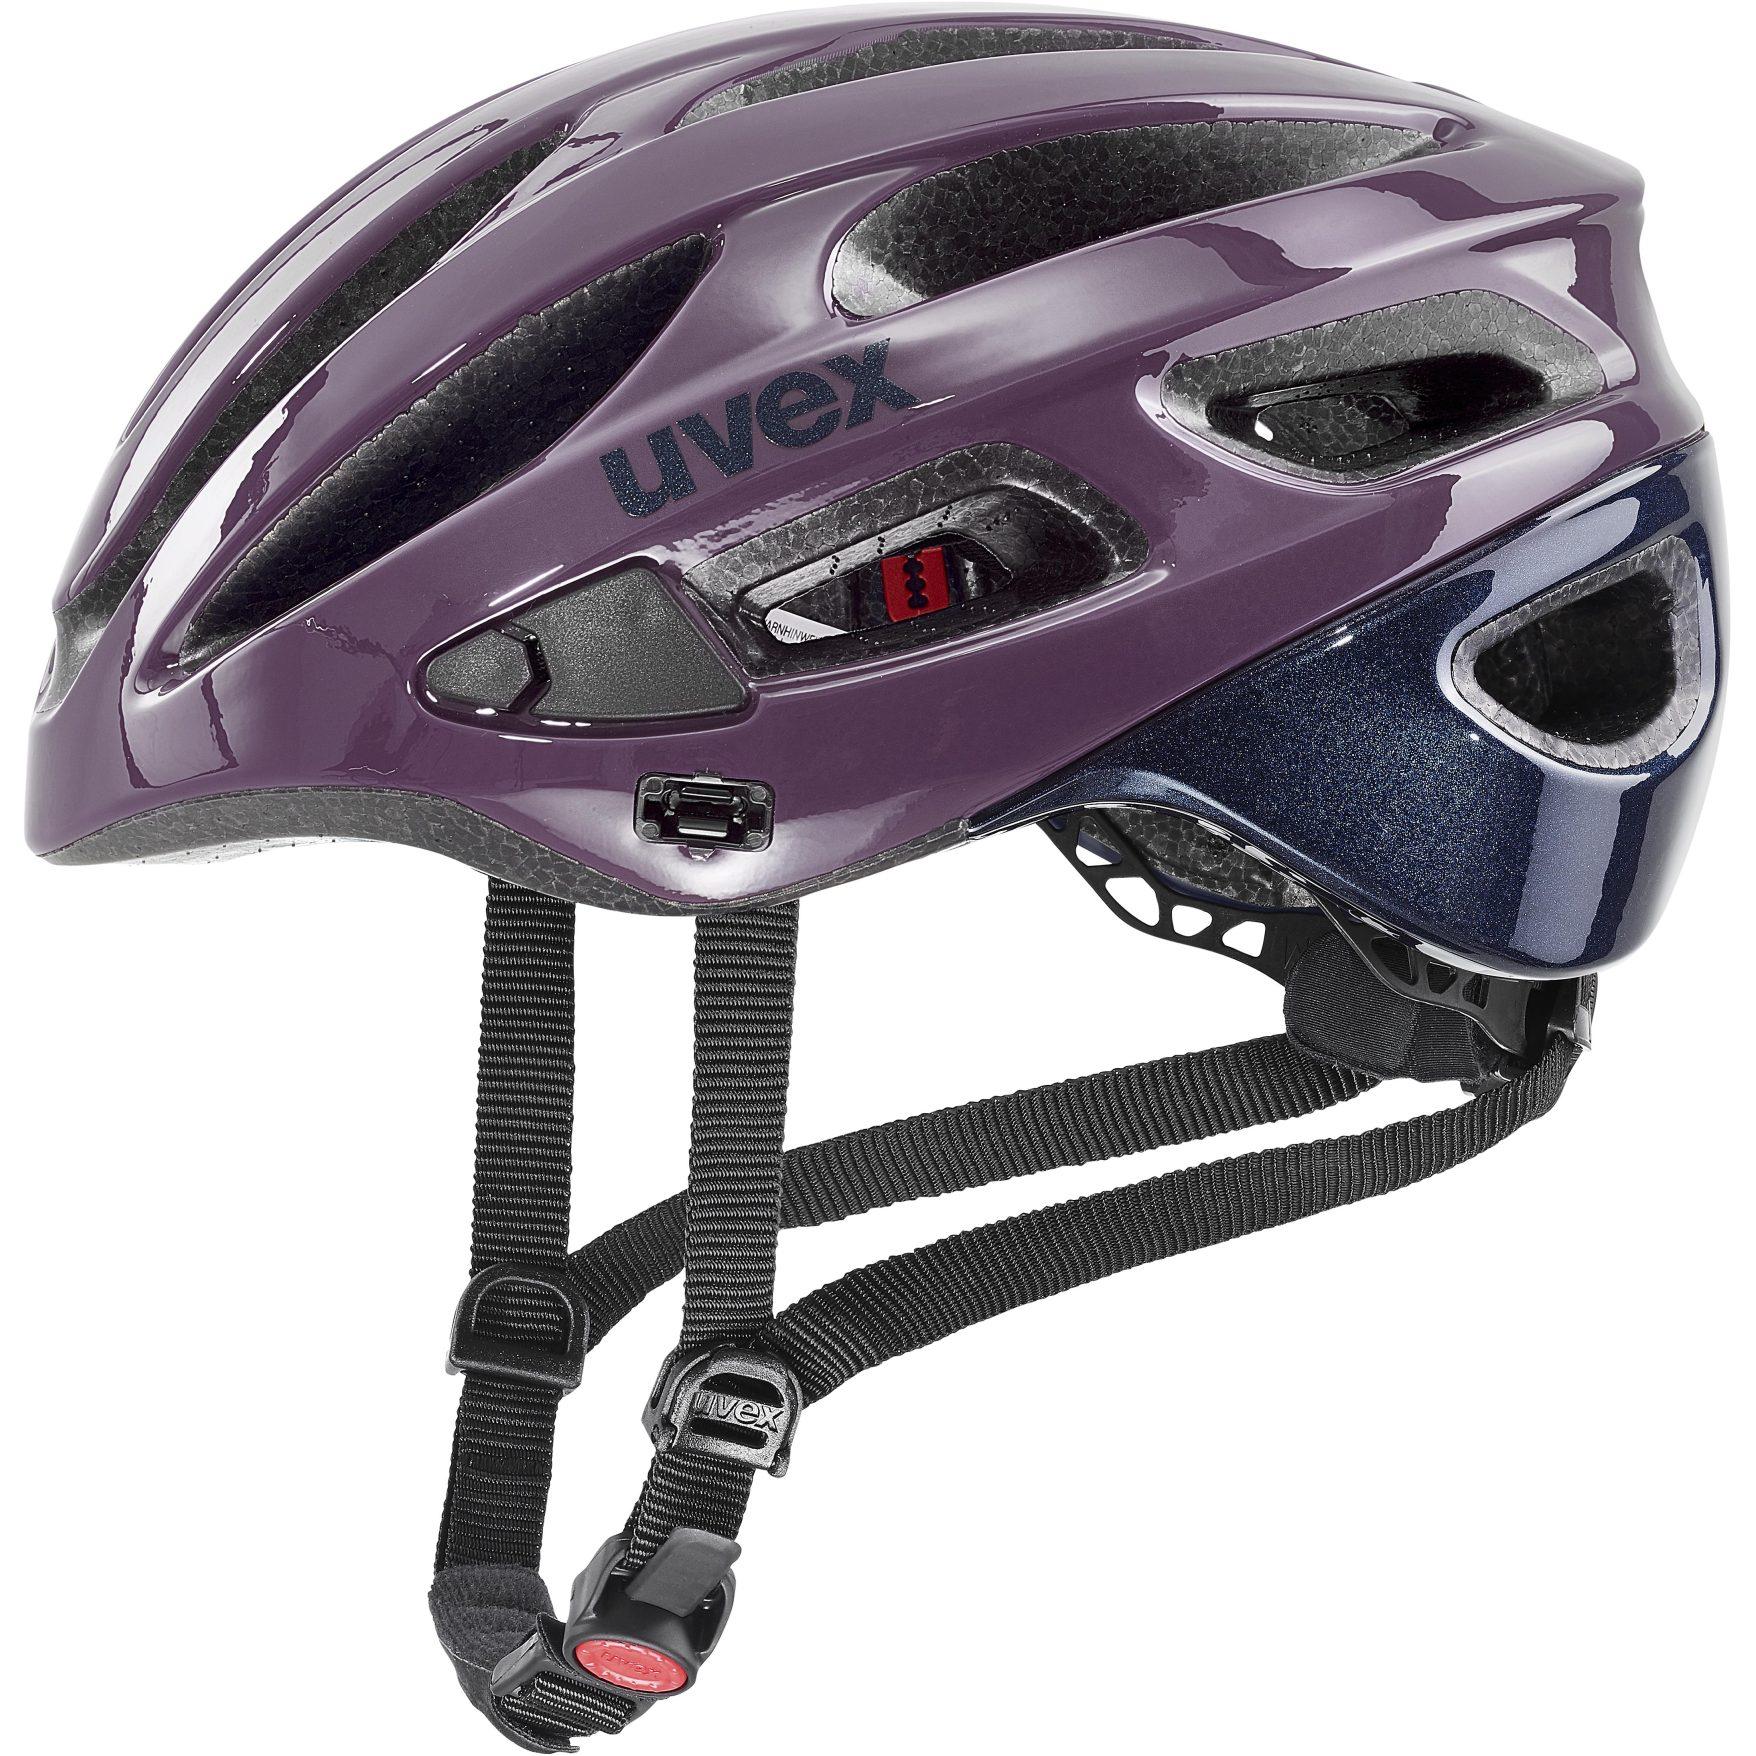 Image of Uvex true Helmet - plum-deep space